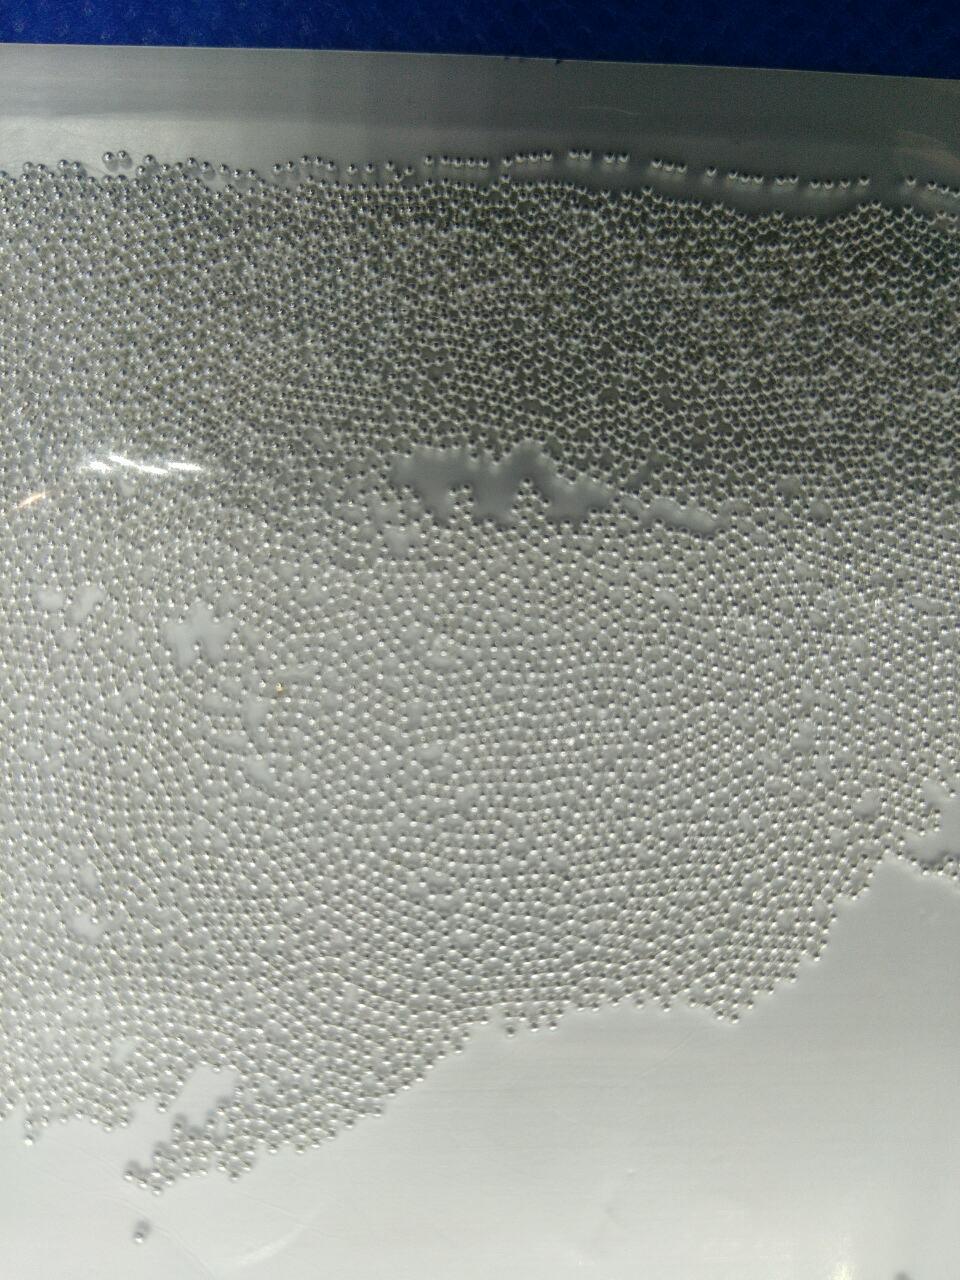 Дрібні бульонки метал ( ікра для нігтів ) для дизайну нігтів 0,6 мм - срібло